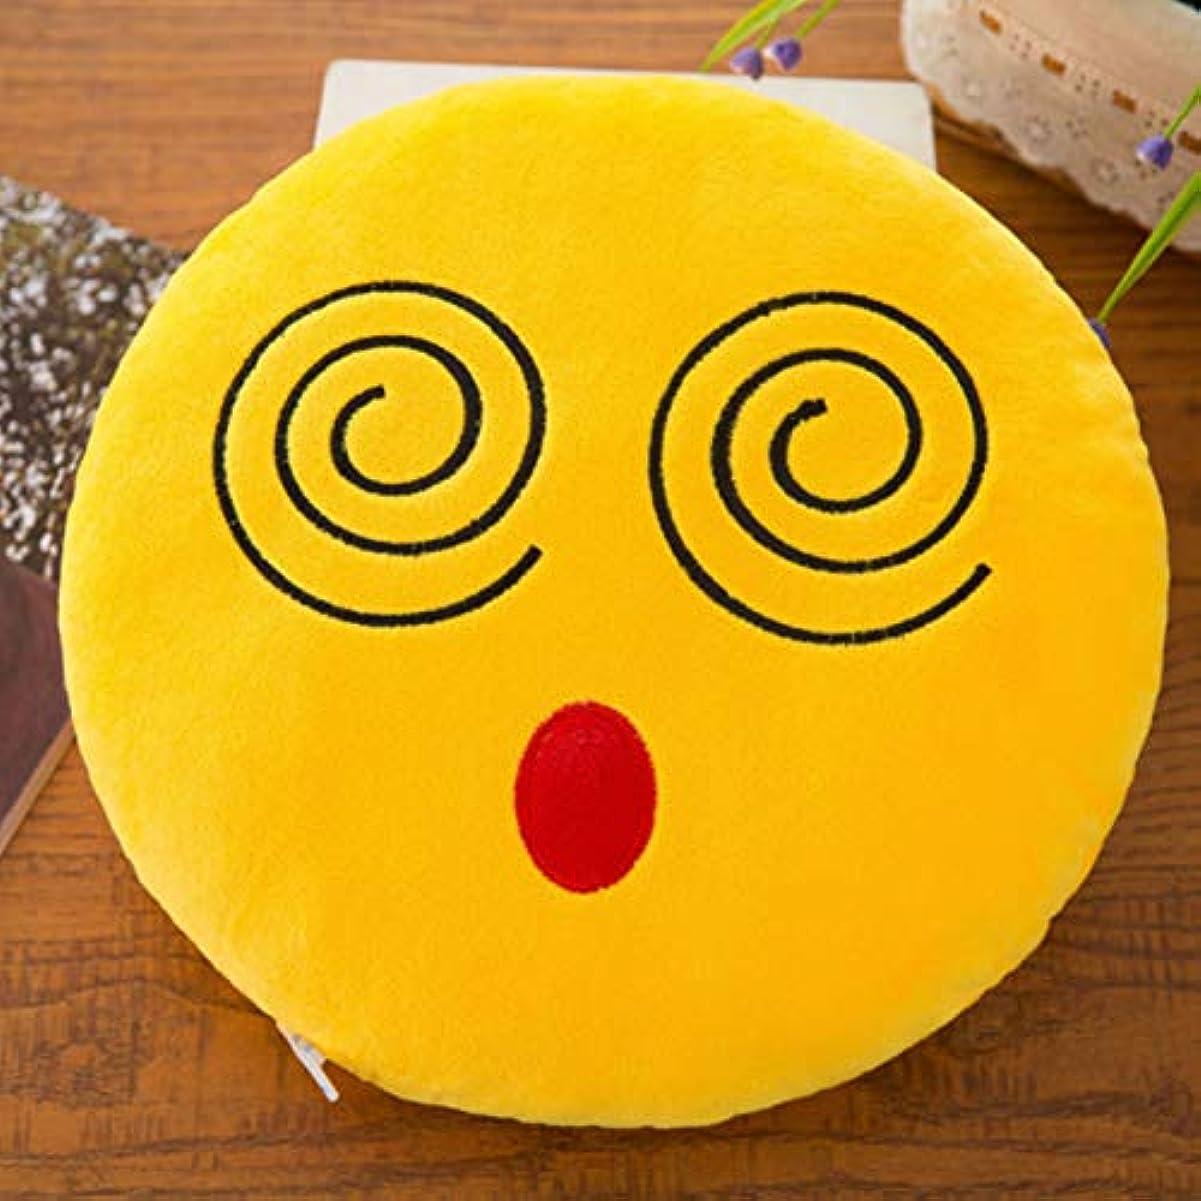 値下げワームやめるLIFE 40 センチメートルスマイル絵文字枕ソフトぬいぐるみ絵文字ラウンドクッション家の装飾かわいい漫画のおもちゃの人形装飾枕ドロップ船 クッション 椅子